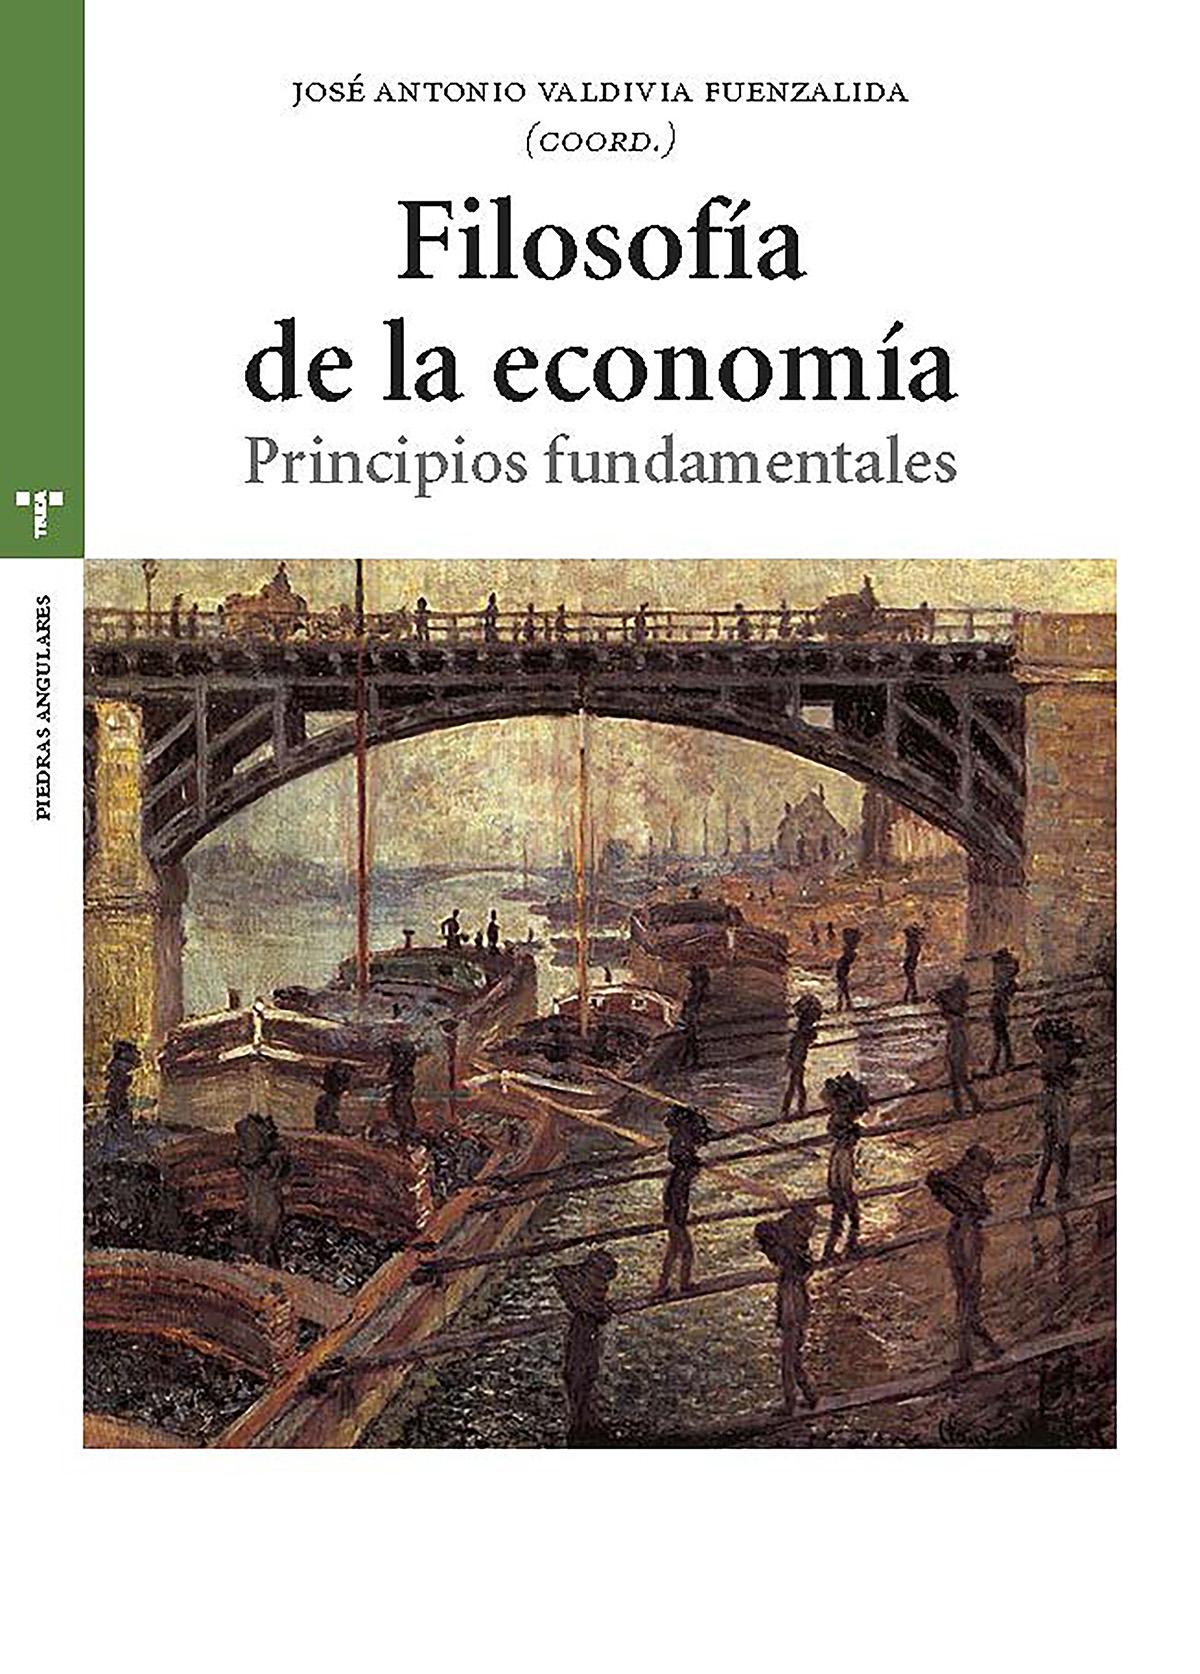 Filosofía de la economía   «Principios fundamentales»